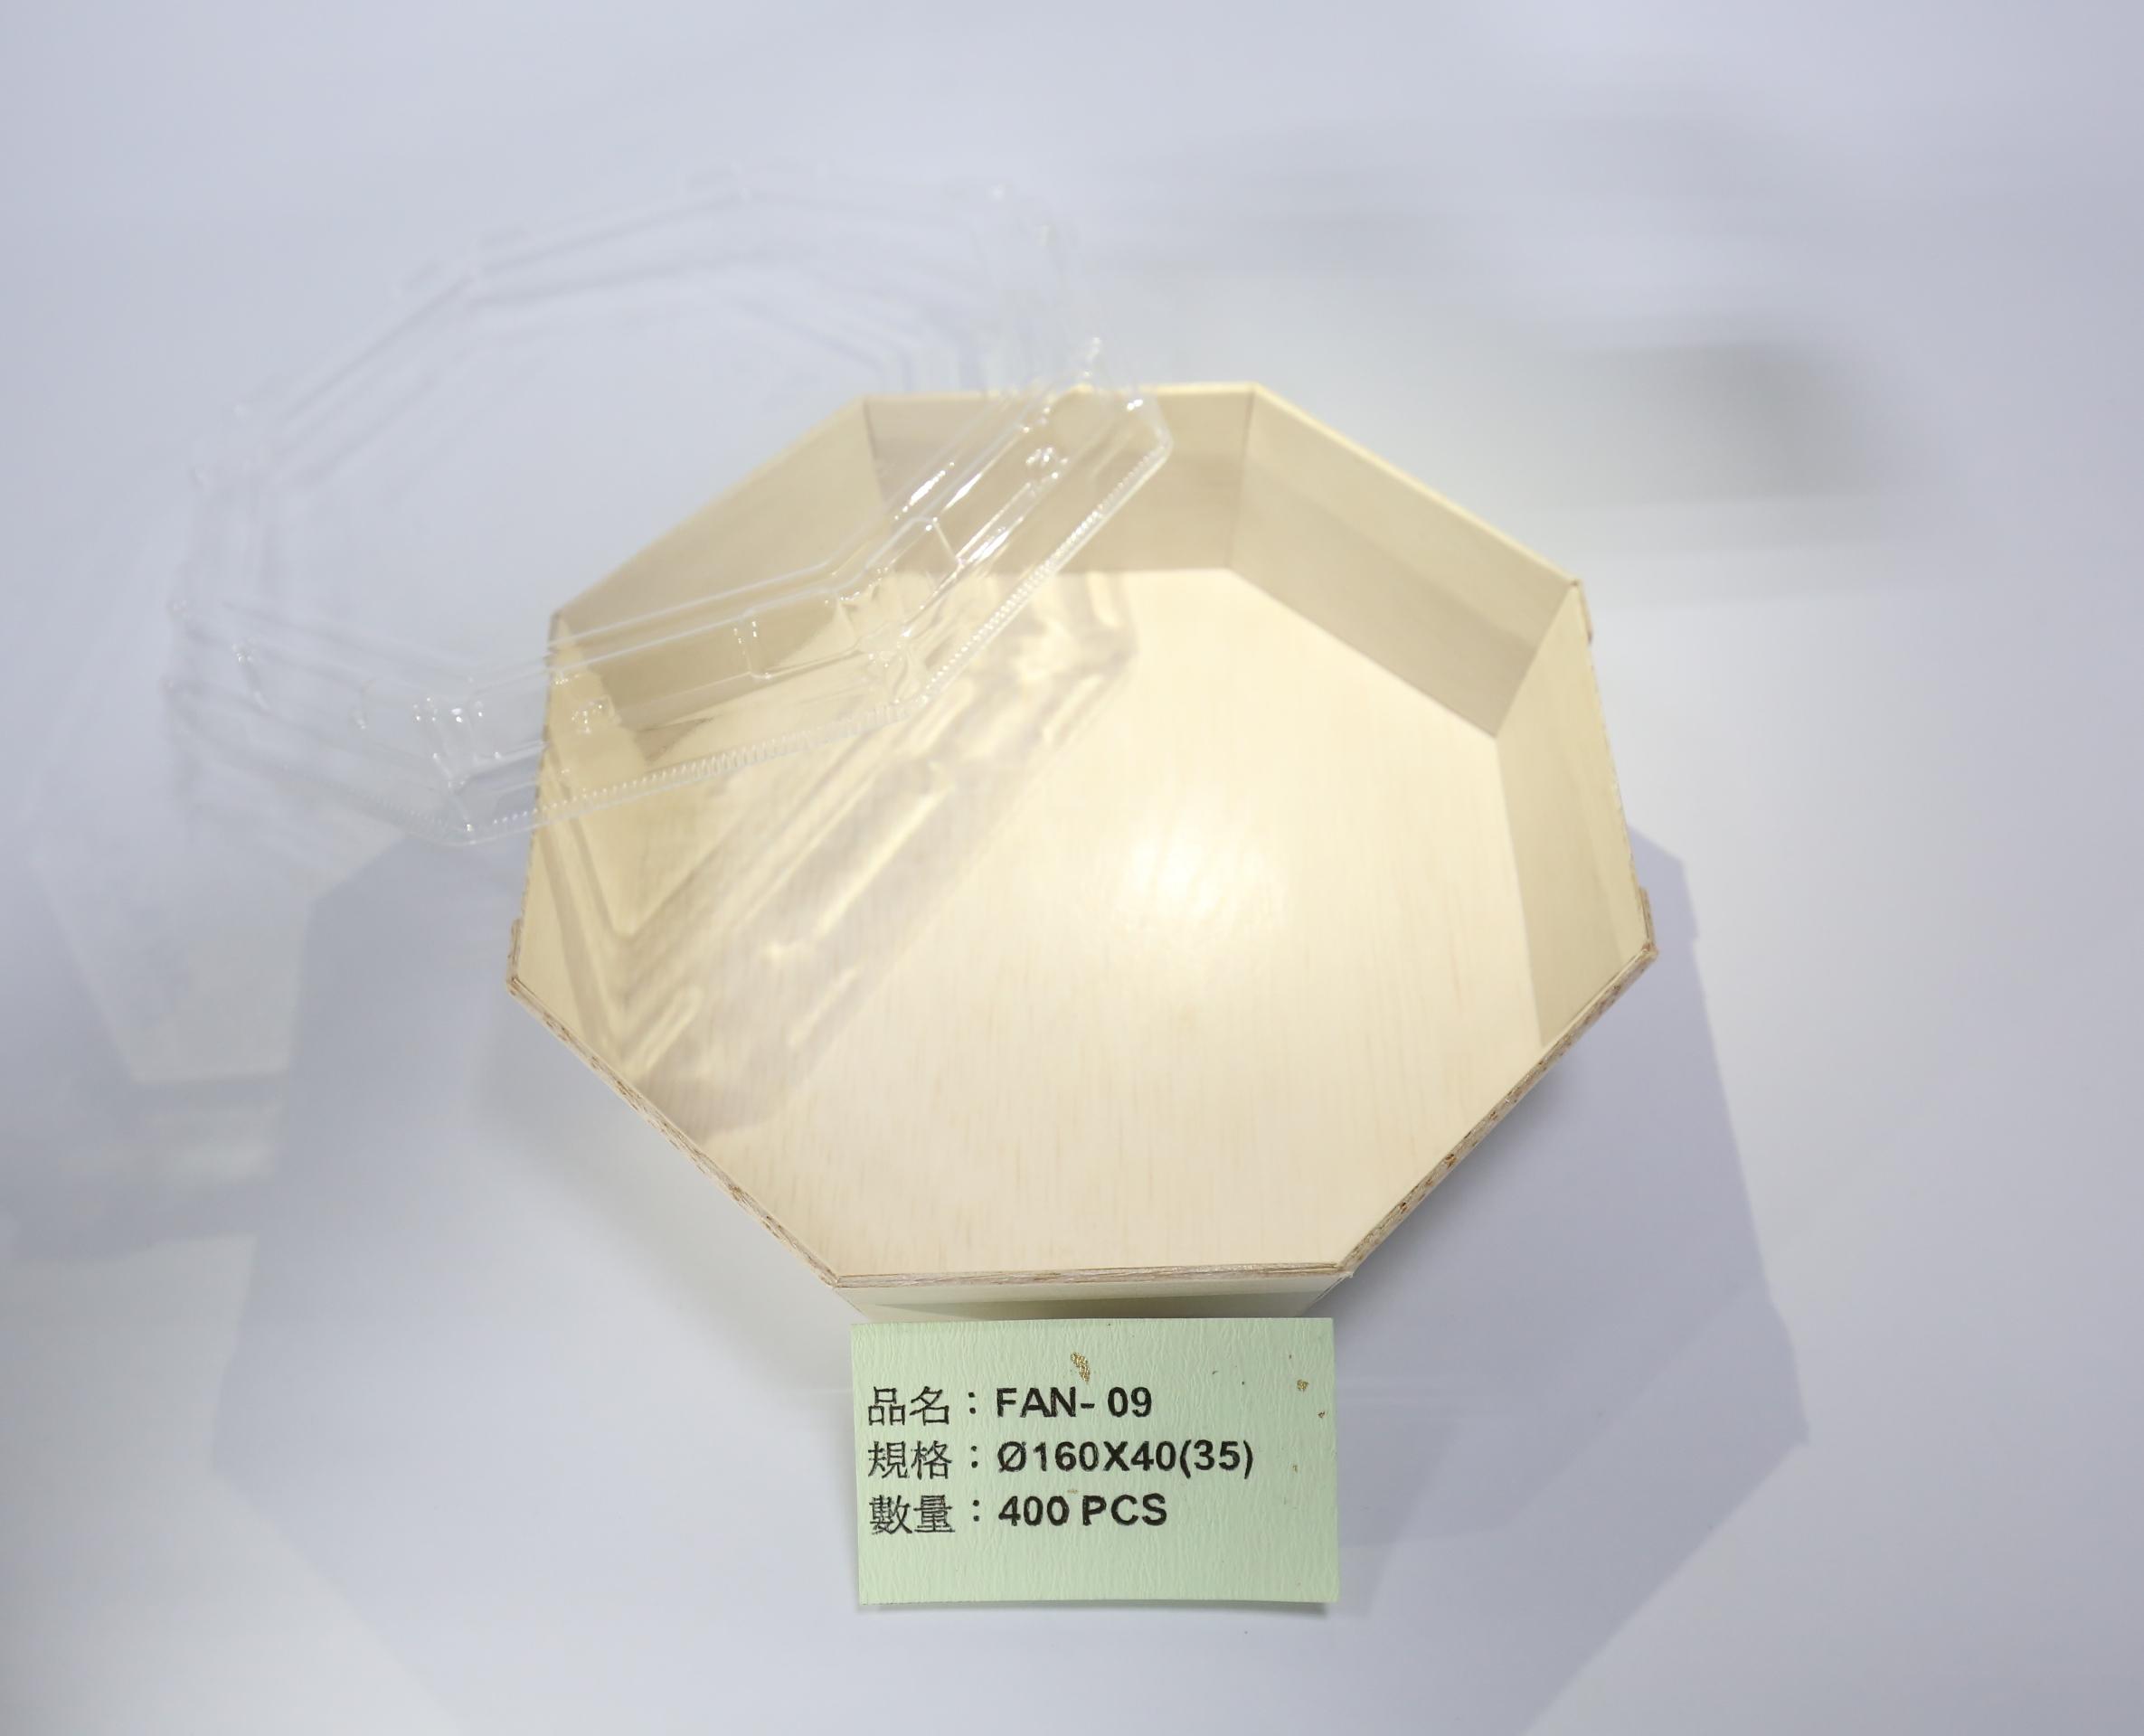 FAN-09.1